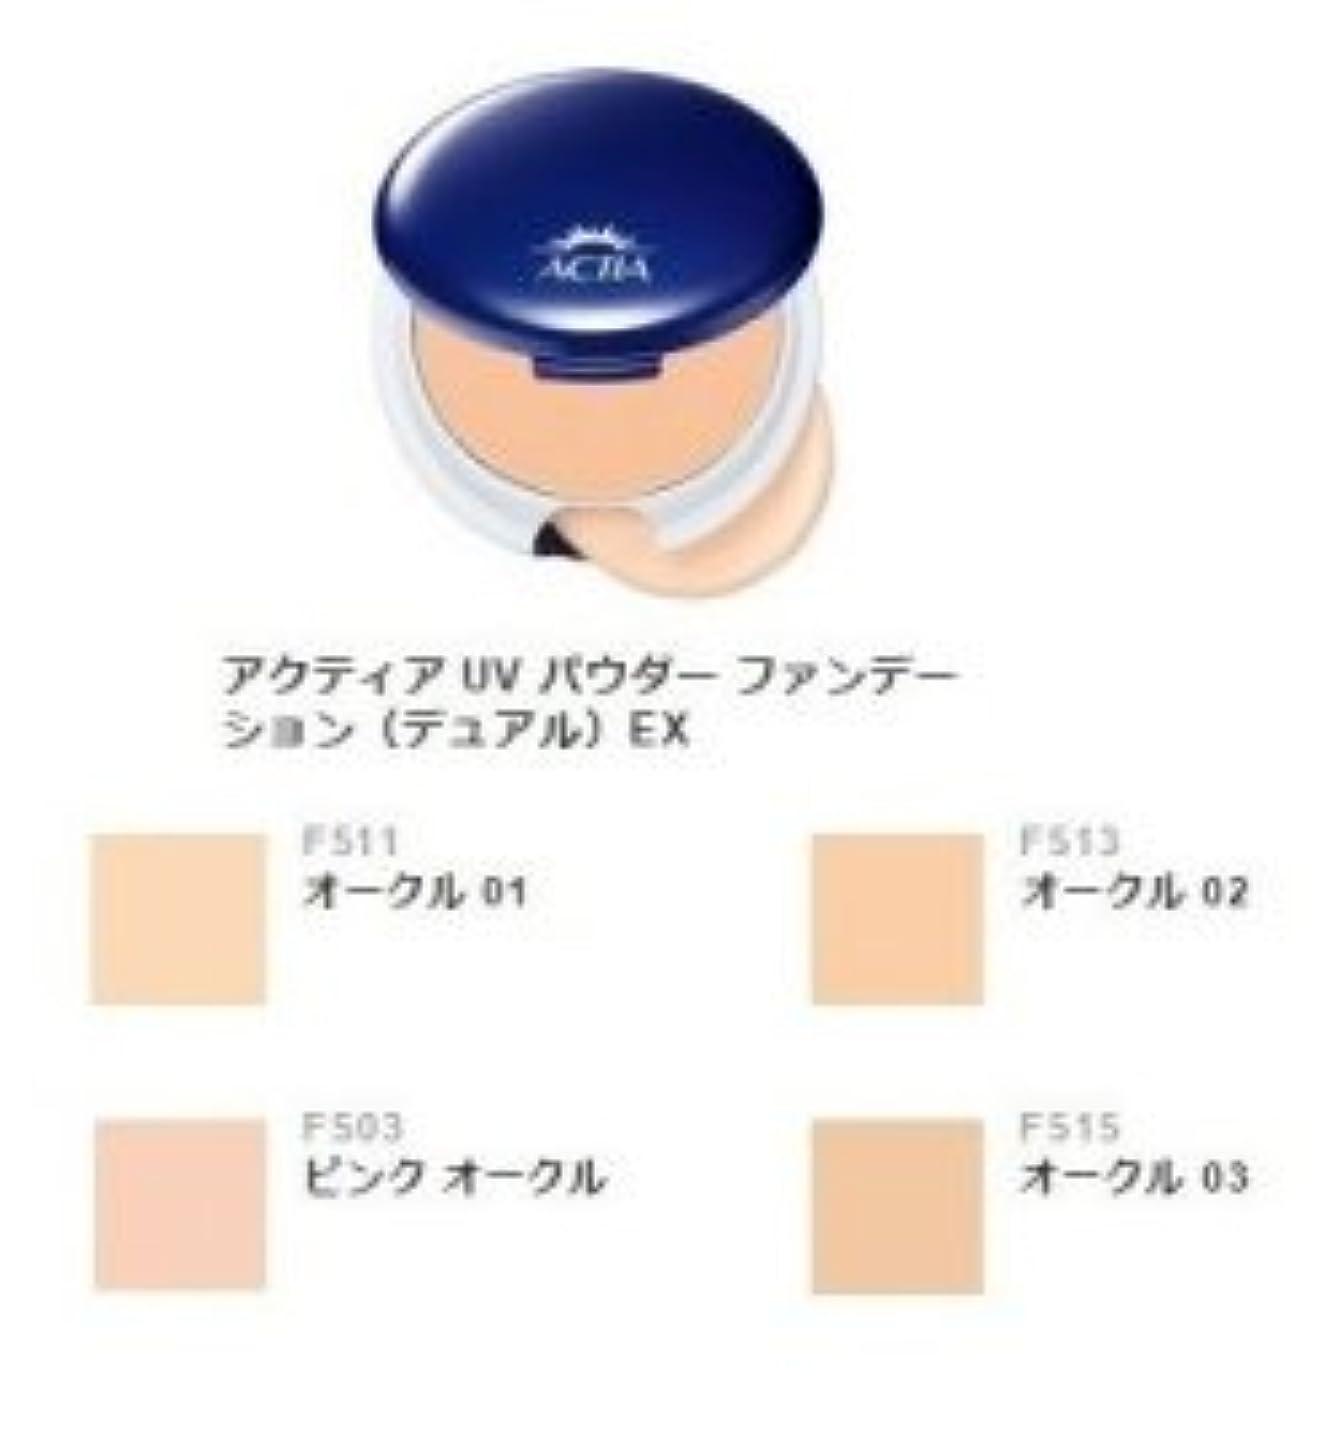 研究所祝う同封するエイボン(AVON) アクティア UV パウダーファンデーション(デュアル)EX(リフィル) F503 ピンクオークル